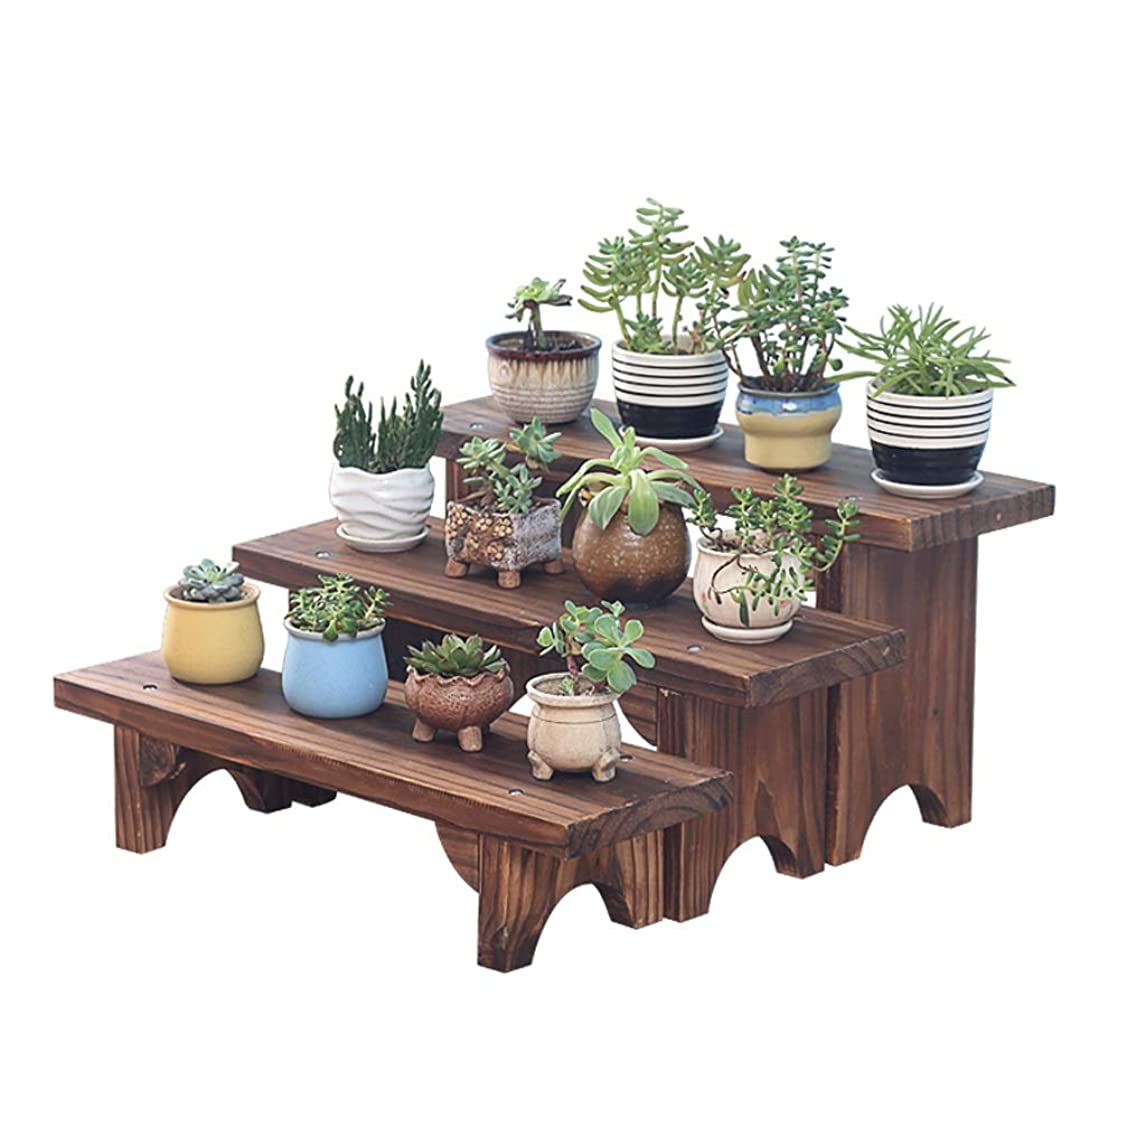 地震構想する乳剤大規模な取り外し可能な木製レトロ3層棚花植物ディスプレイスタンドラック屋外での使用、自立の家の装飾のステップ棚